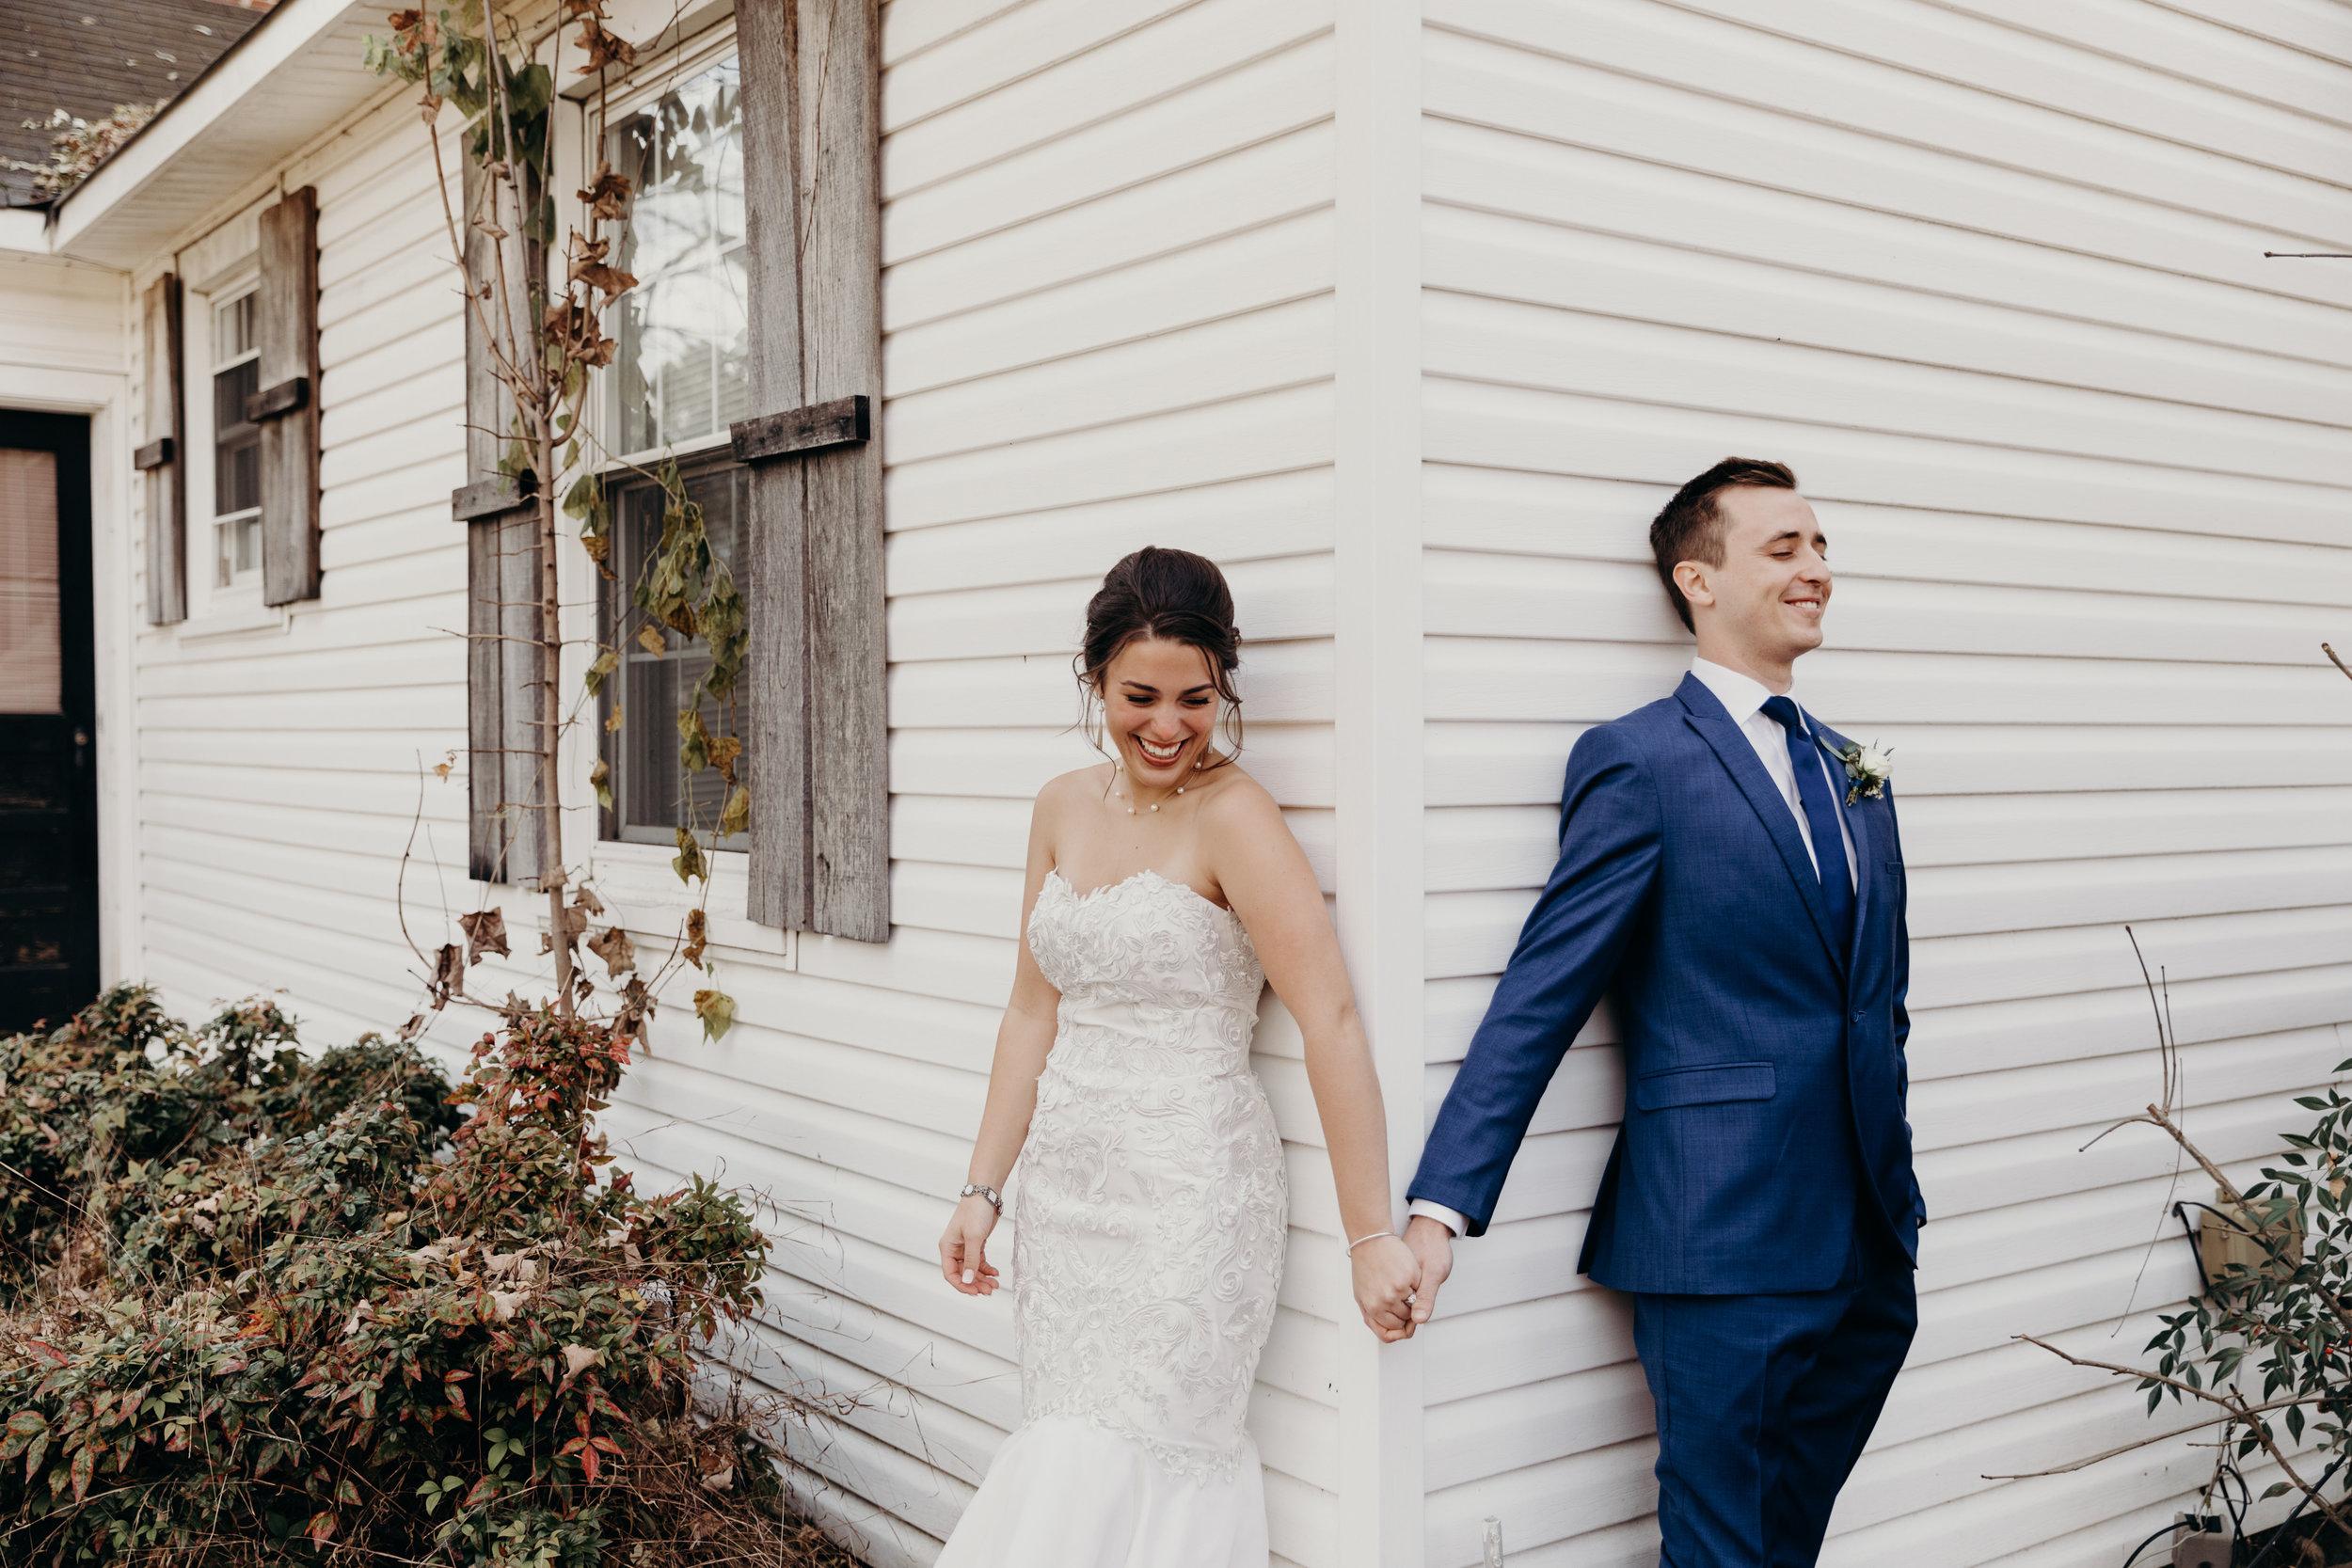 581-ltw-morgan-adam-wedding.jpg